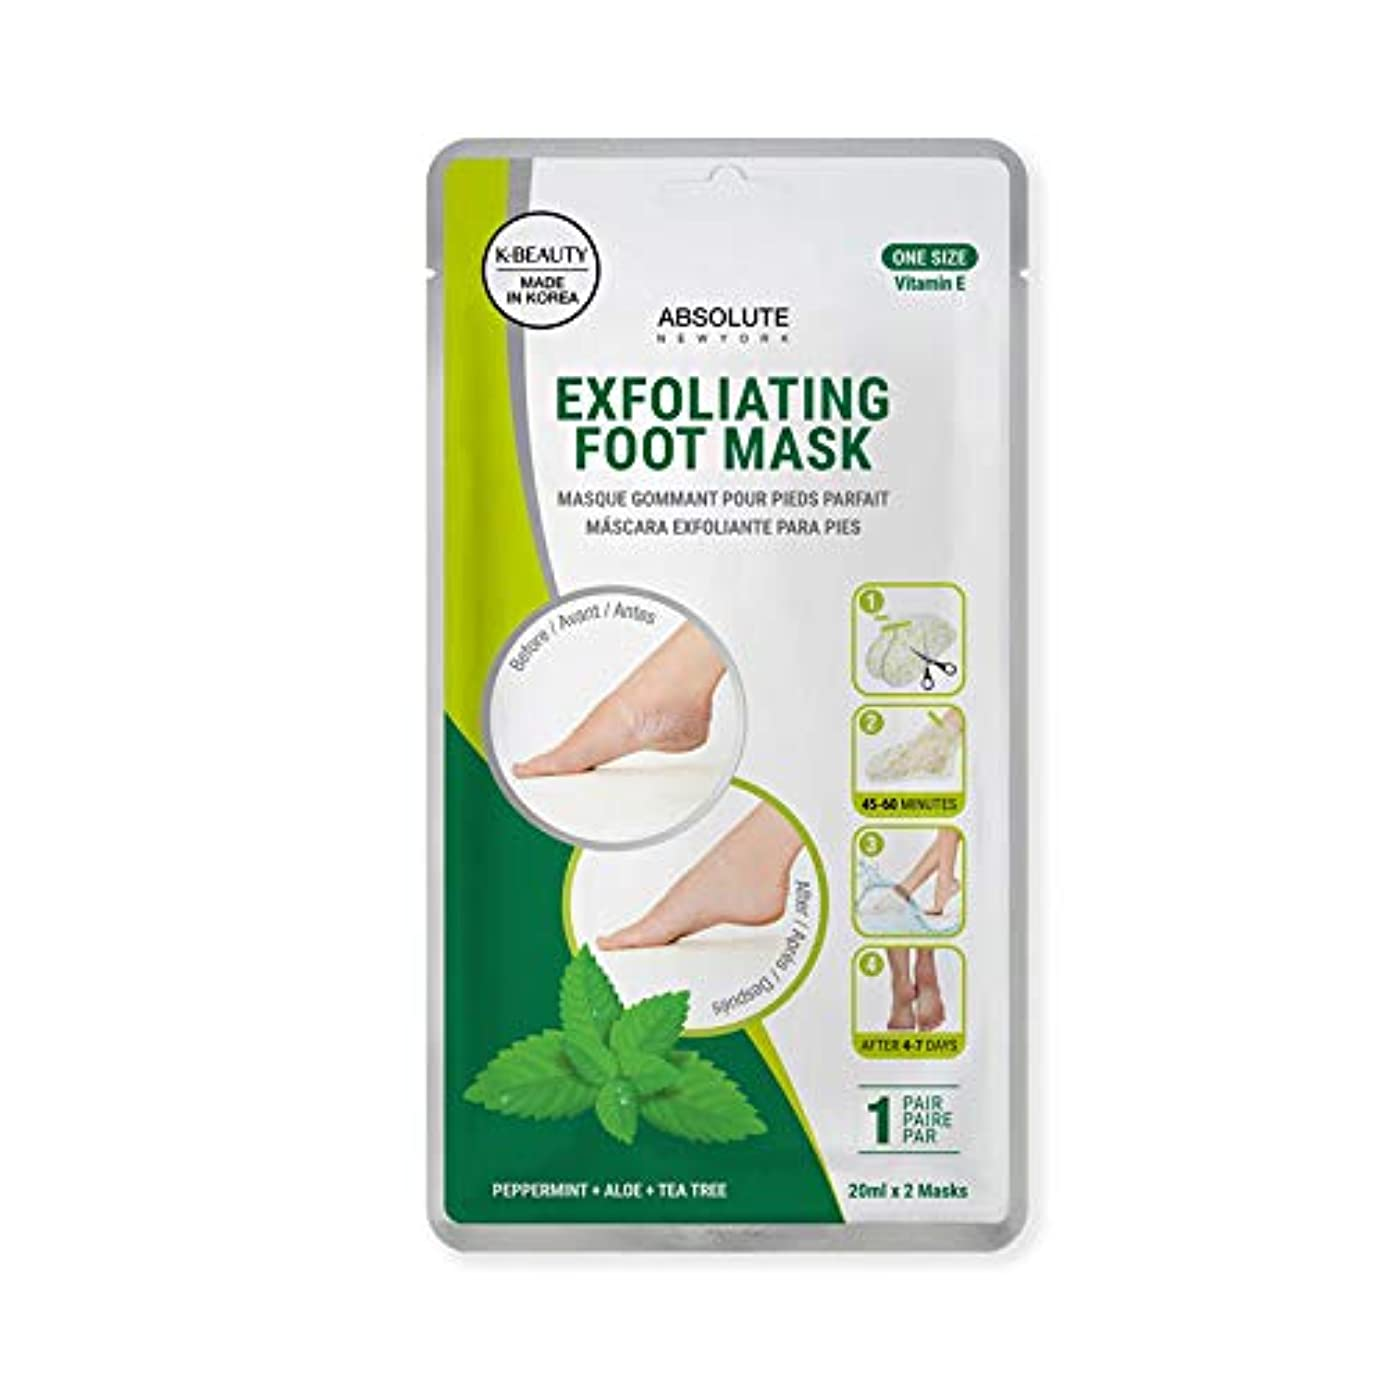 従者不毛心のこもった(6 Pack) ABSOLUTE Exfoliating Foot Mask - Peppermint + Aloe + Tea Tree (並行輸入品)